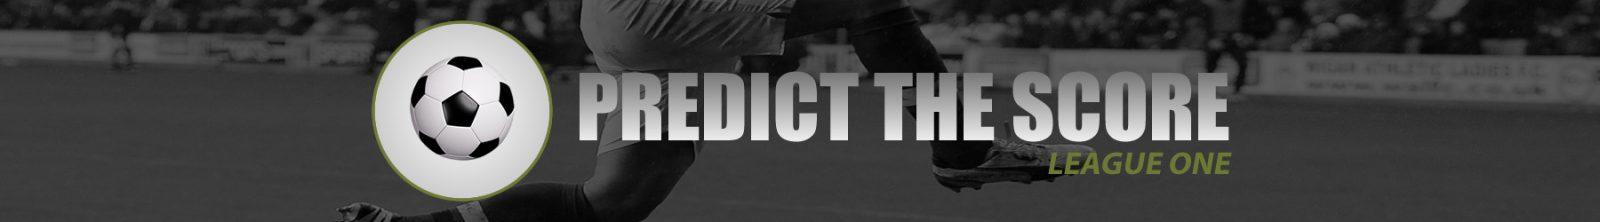 Predict The Score - League One